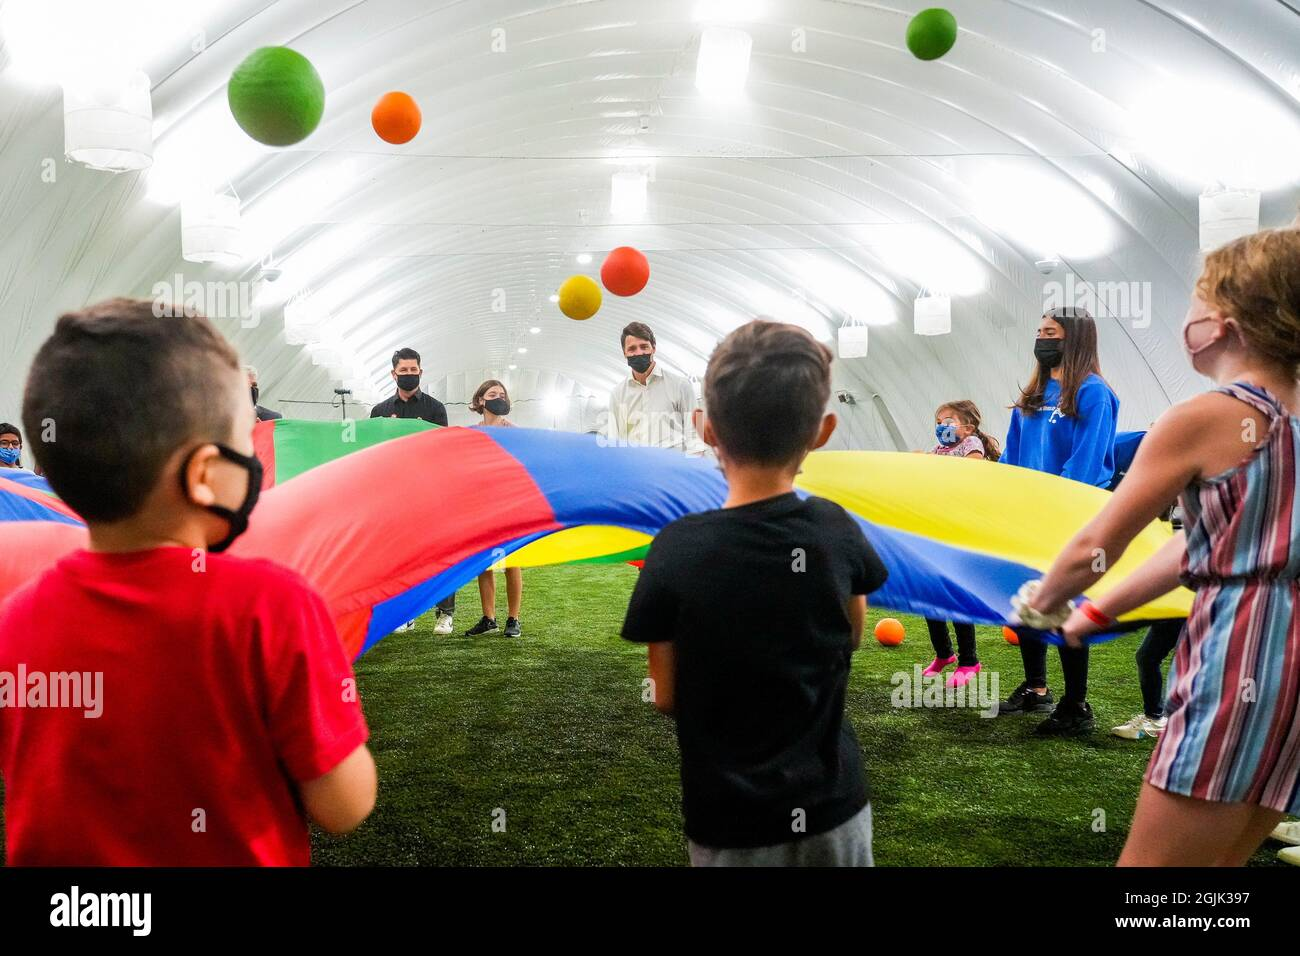 Kanadas Premierminister Justin Trudeau spielt ein Spiel mit Kindern, während er Soccer World während seiner Wahlkampftour in Hamilton, Ontario, Kanada, am 10. September 2021 besucht. REUTERS/Carlos Osorio Stockfoto